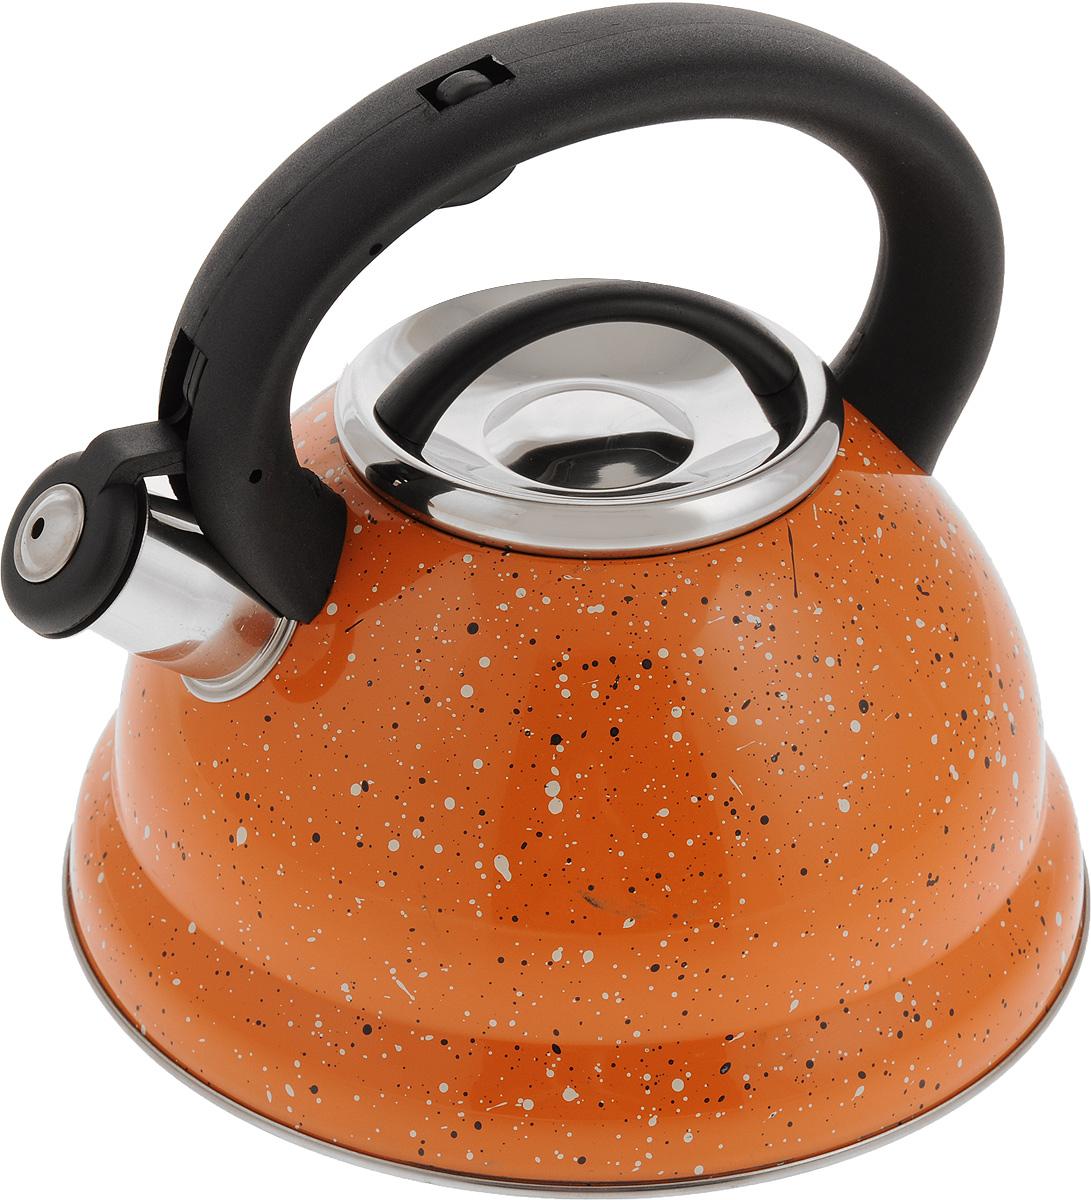 Чайник Mayer & Boch, со свистком, 2,8 л. 2497024970Чайник Mayer & Boch выполнен из высококачественной нержавеющей стали. Фиксированнаяручка, изготовленная из пластика и нержавеющей стали, снабжена клавишей для открыванияносика, что делает использование чайника очень удобным и безопасным. Носик снабженсвистком, что позволит вам контролировать процесс подогрева или кипячения воды. Эстетичныйи функциональный чайник будет оригинально смотреться в любом интерьере.Подходит для всех видов плит, включая индукционные. Можно мыть в посудомоечноймашине. Диаметр чайника (по верхнему краю): 10 см. Диаметр основания: 22 см.Высота чайника (с учетом ручки): 20,5 см.